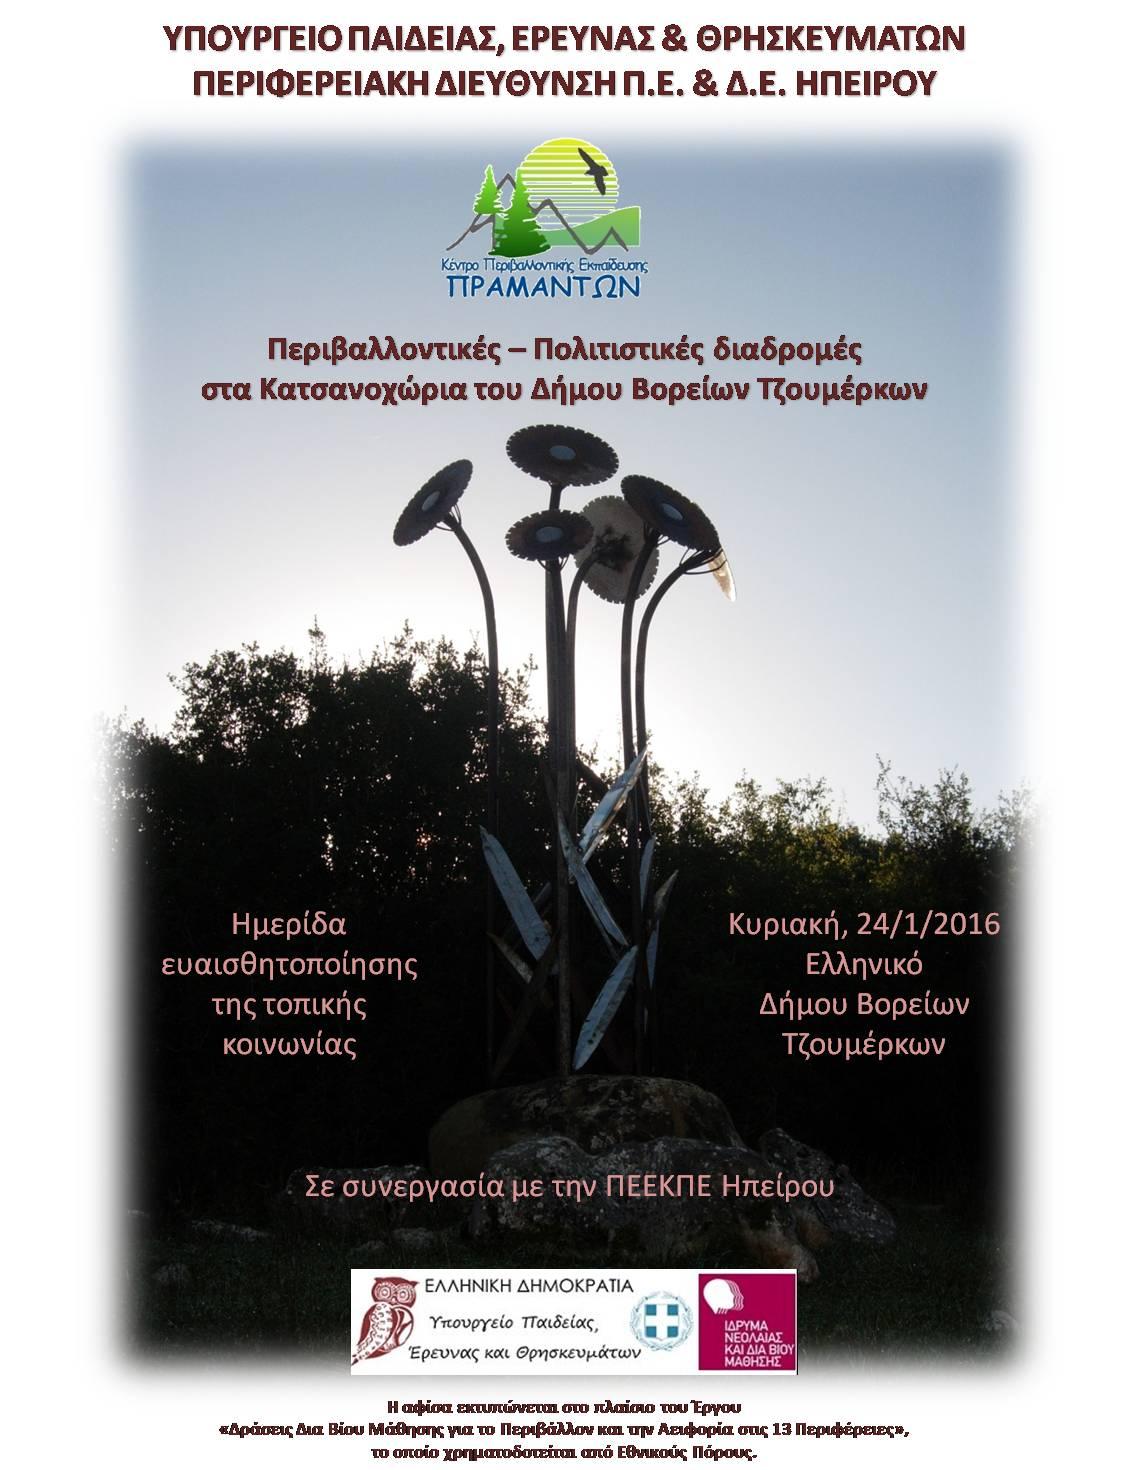 Περιβαλλοντικές – πολιτιστικές διαδρομές στα Κατσανοχώρια του Δήμου Βορείων Τζουμέρκων